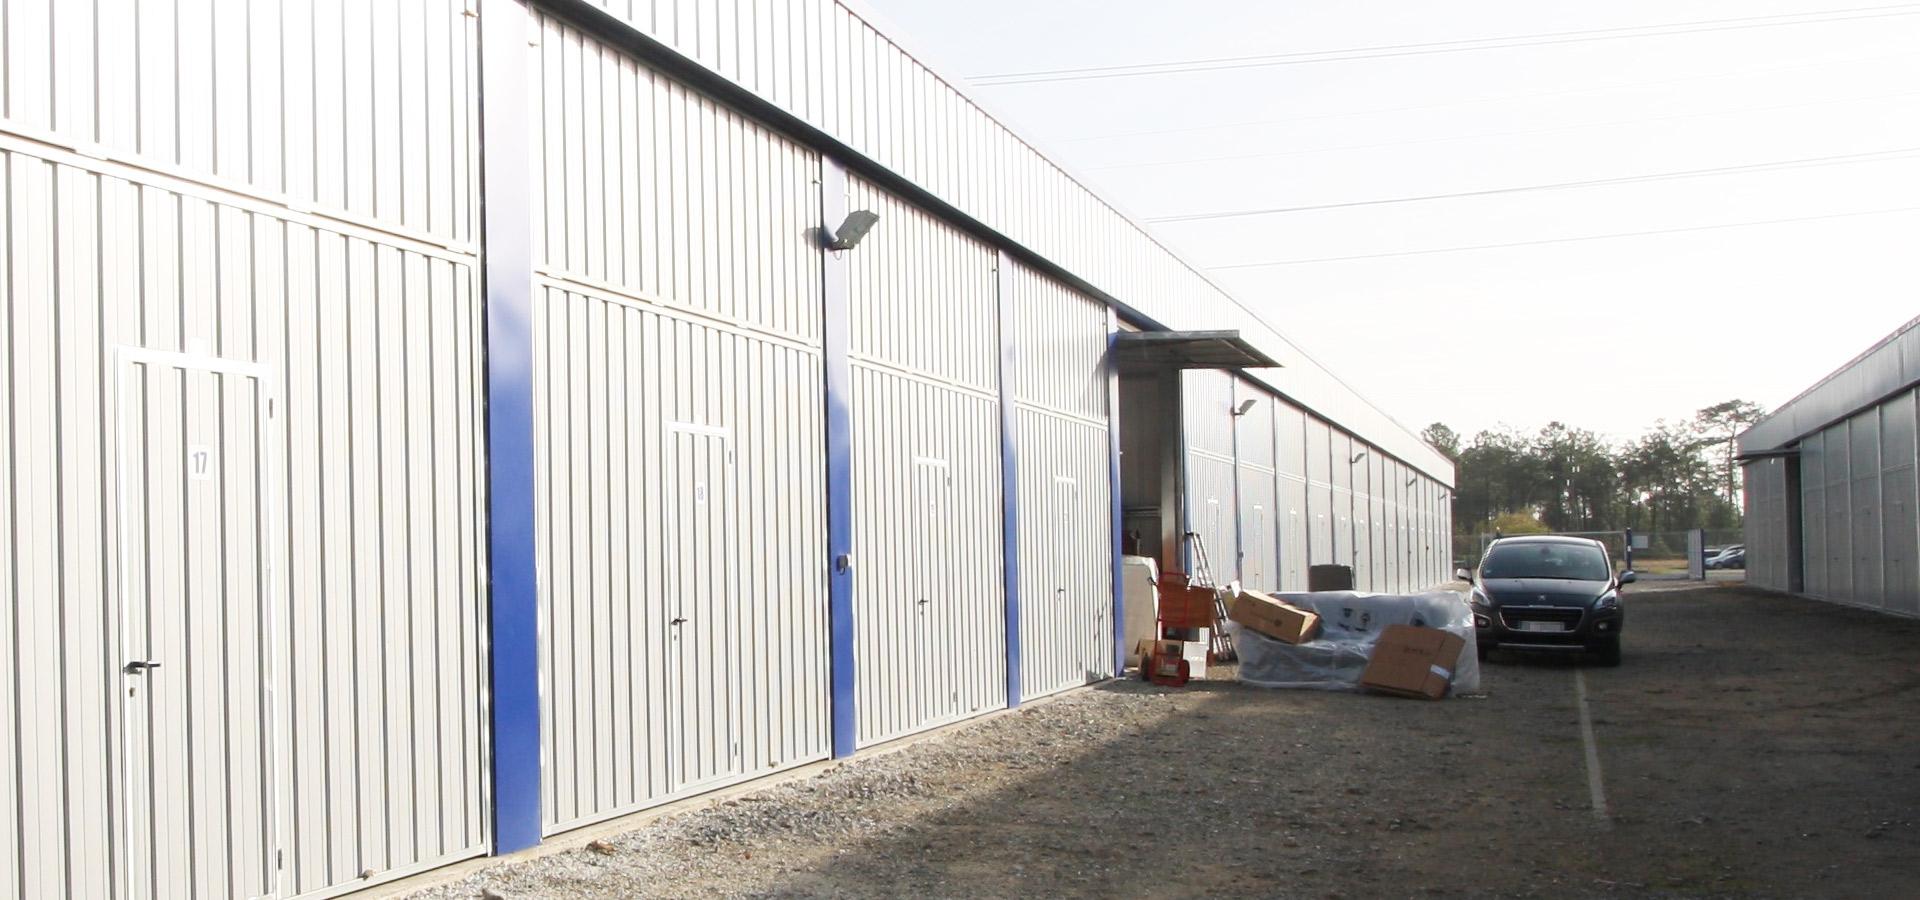 Location de box de stockage et garde-meubles dans les Landes